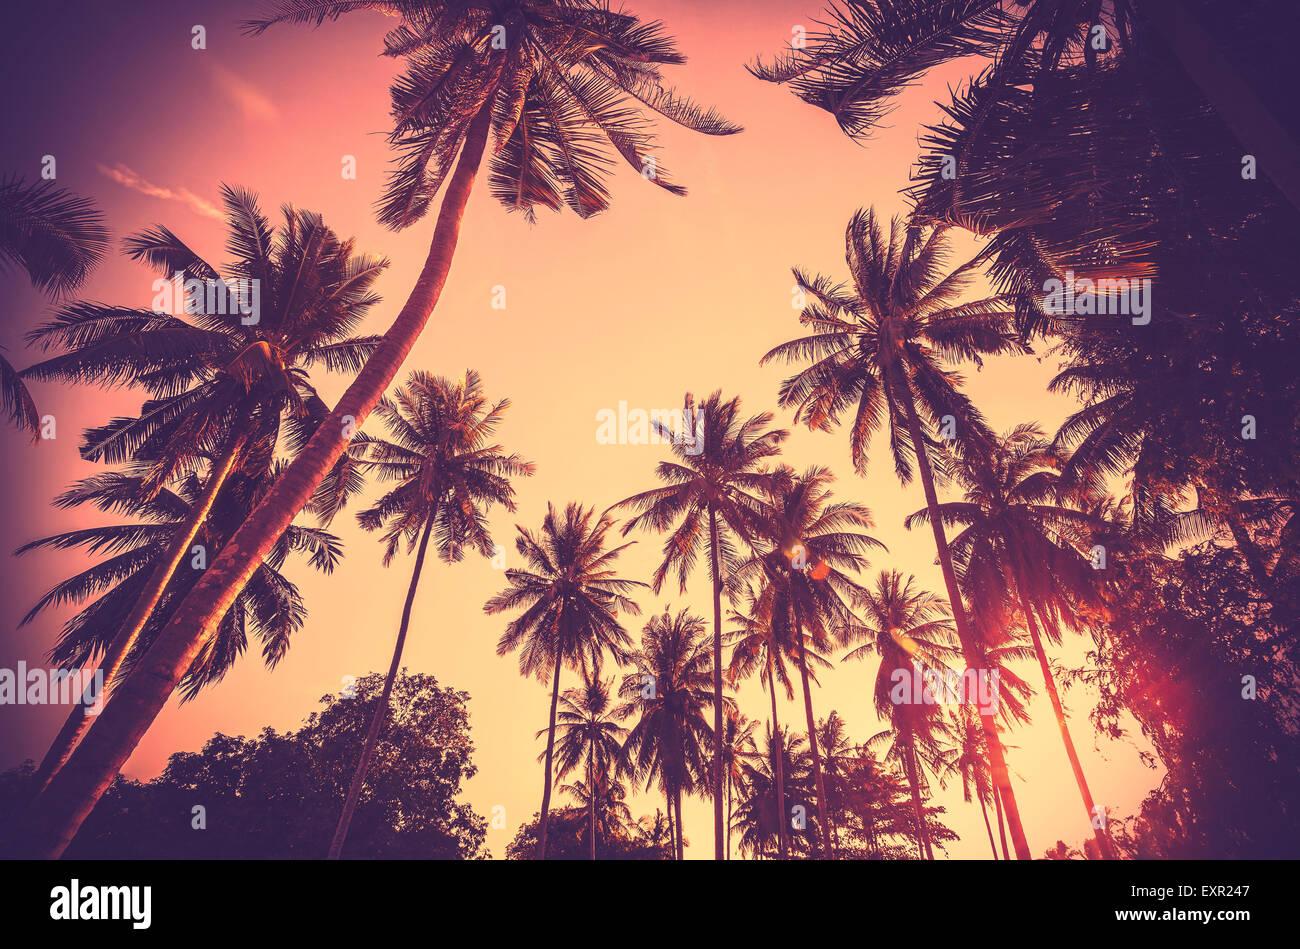 Vintage getönten Urlaub Hintergrund gemacht von Palm Tree Silhouetten bei Sonnenuntergang. Stockbild